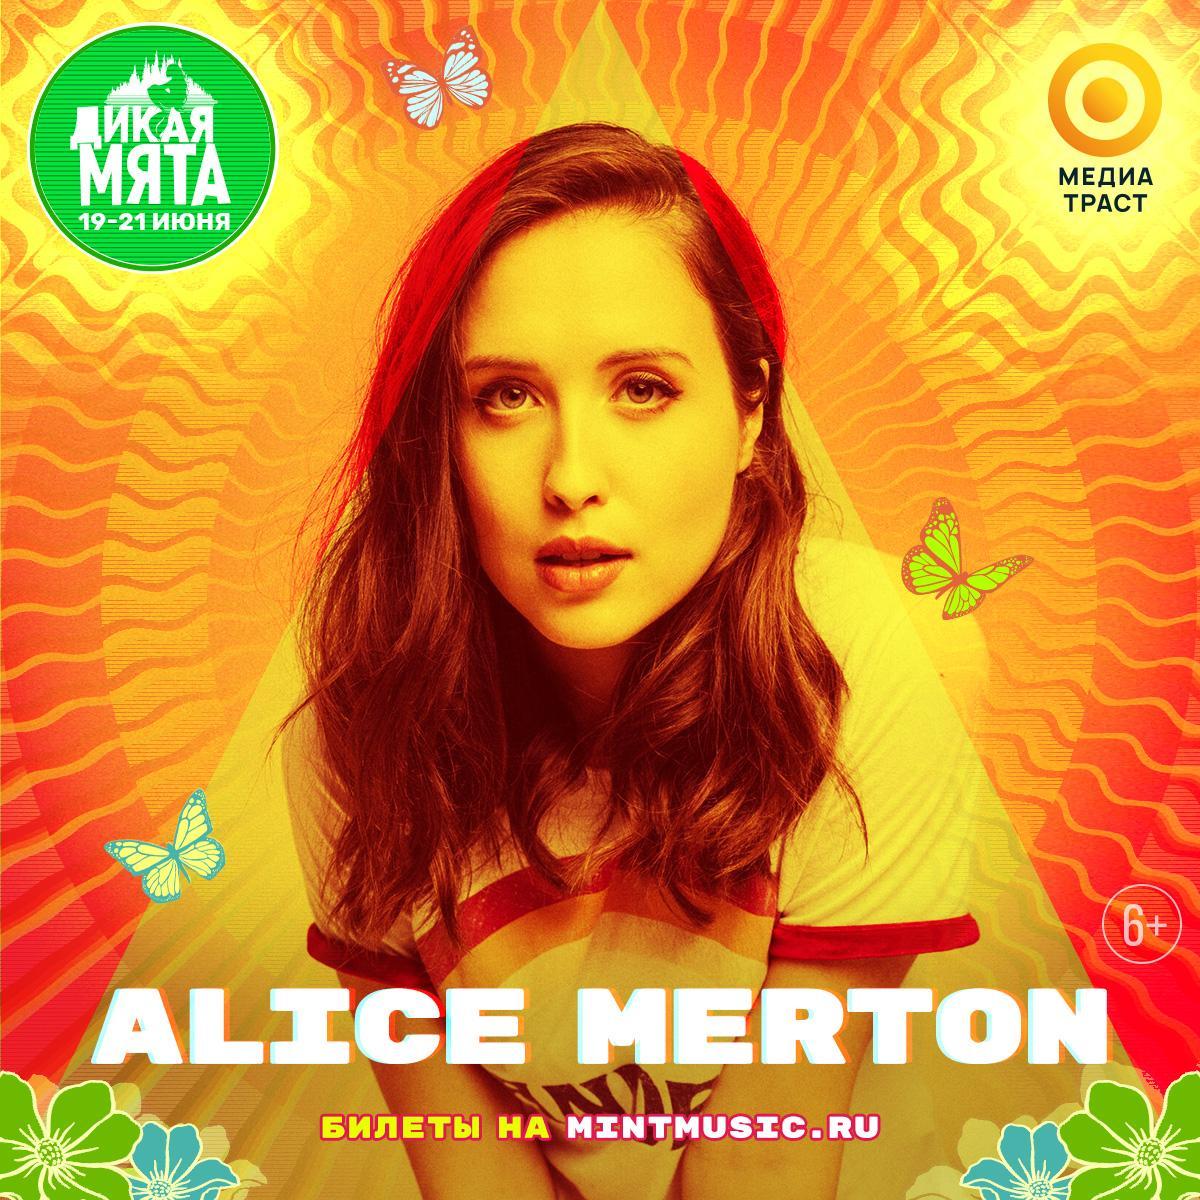 Alice Merton даст первый концерт в России на фестивале «Дикая Мята»